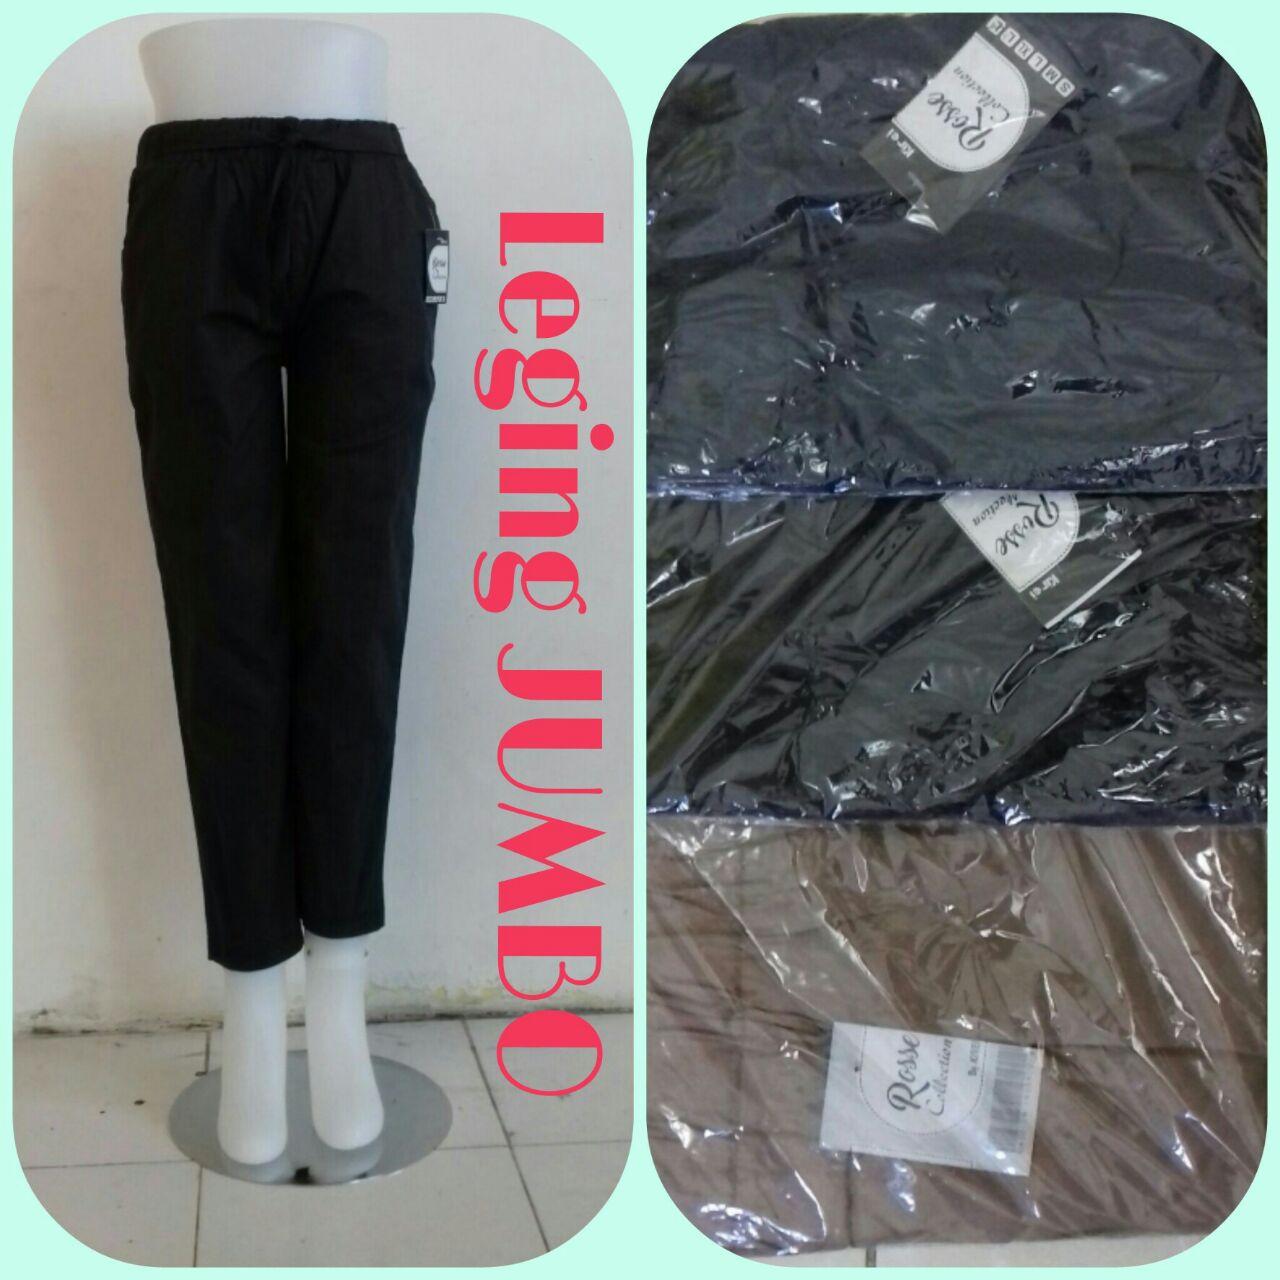 Kulakan Celana Leging Jeans Jumbo Murah Surabaya 25Ribu